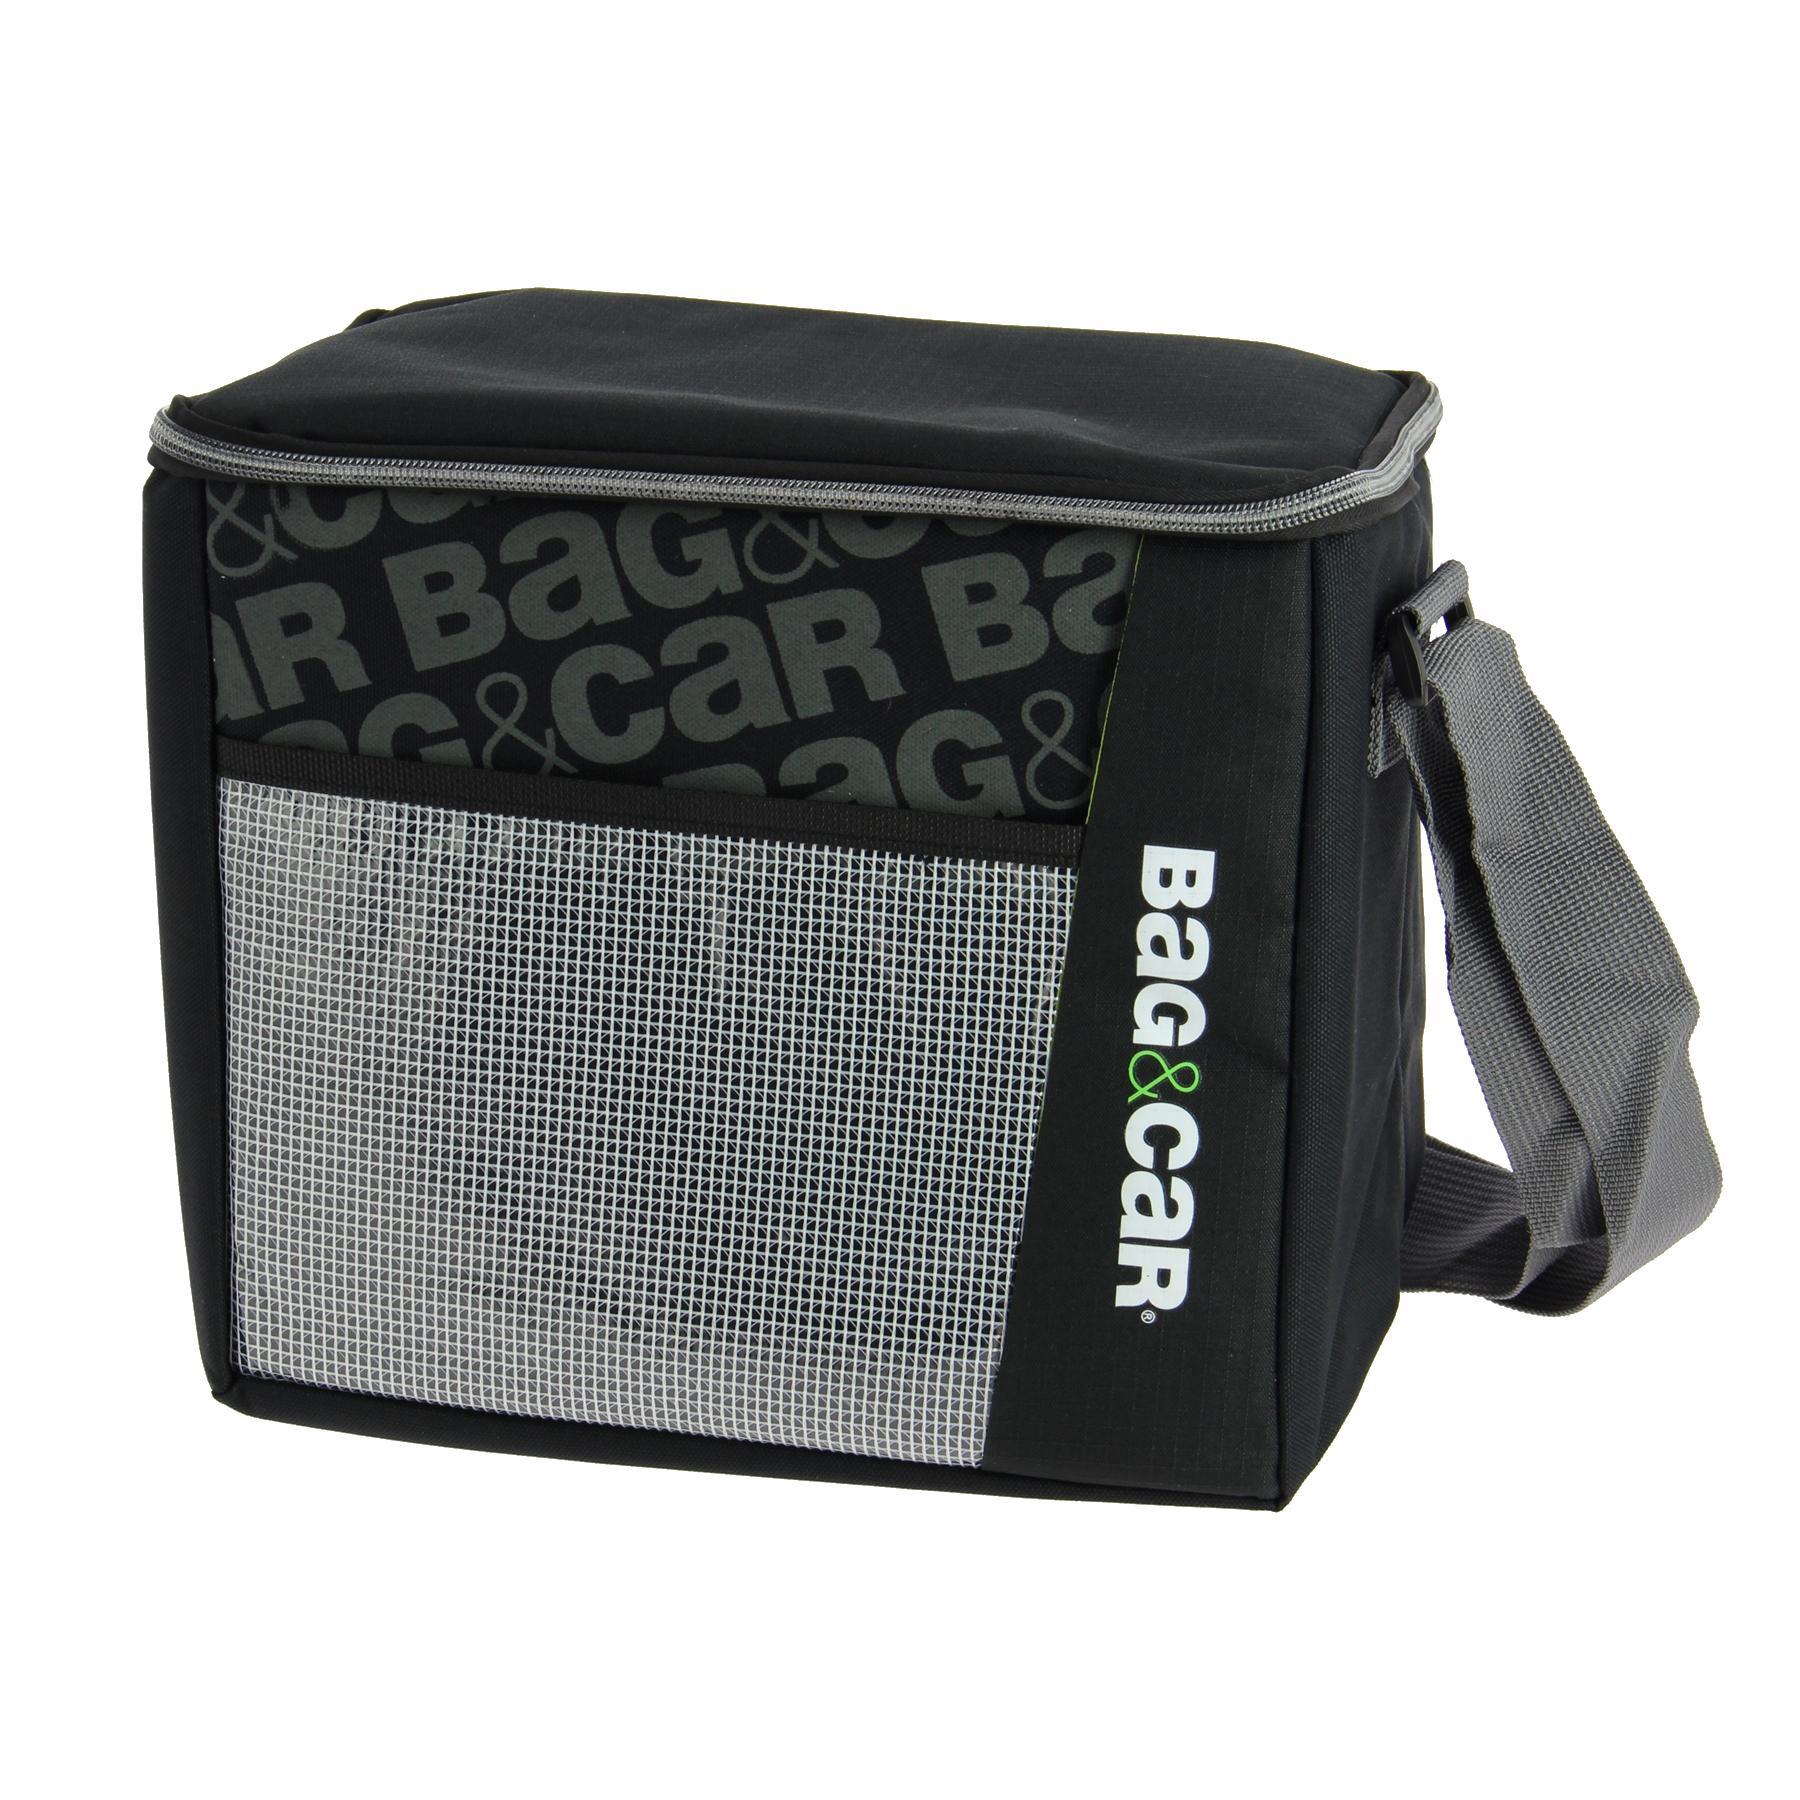 168002 BAG&CAR Polyester, 8l Breite: 160mm, Höhe: 280mm, Tiefe: 240mm Kühltasche 168002 günstig kaufen